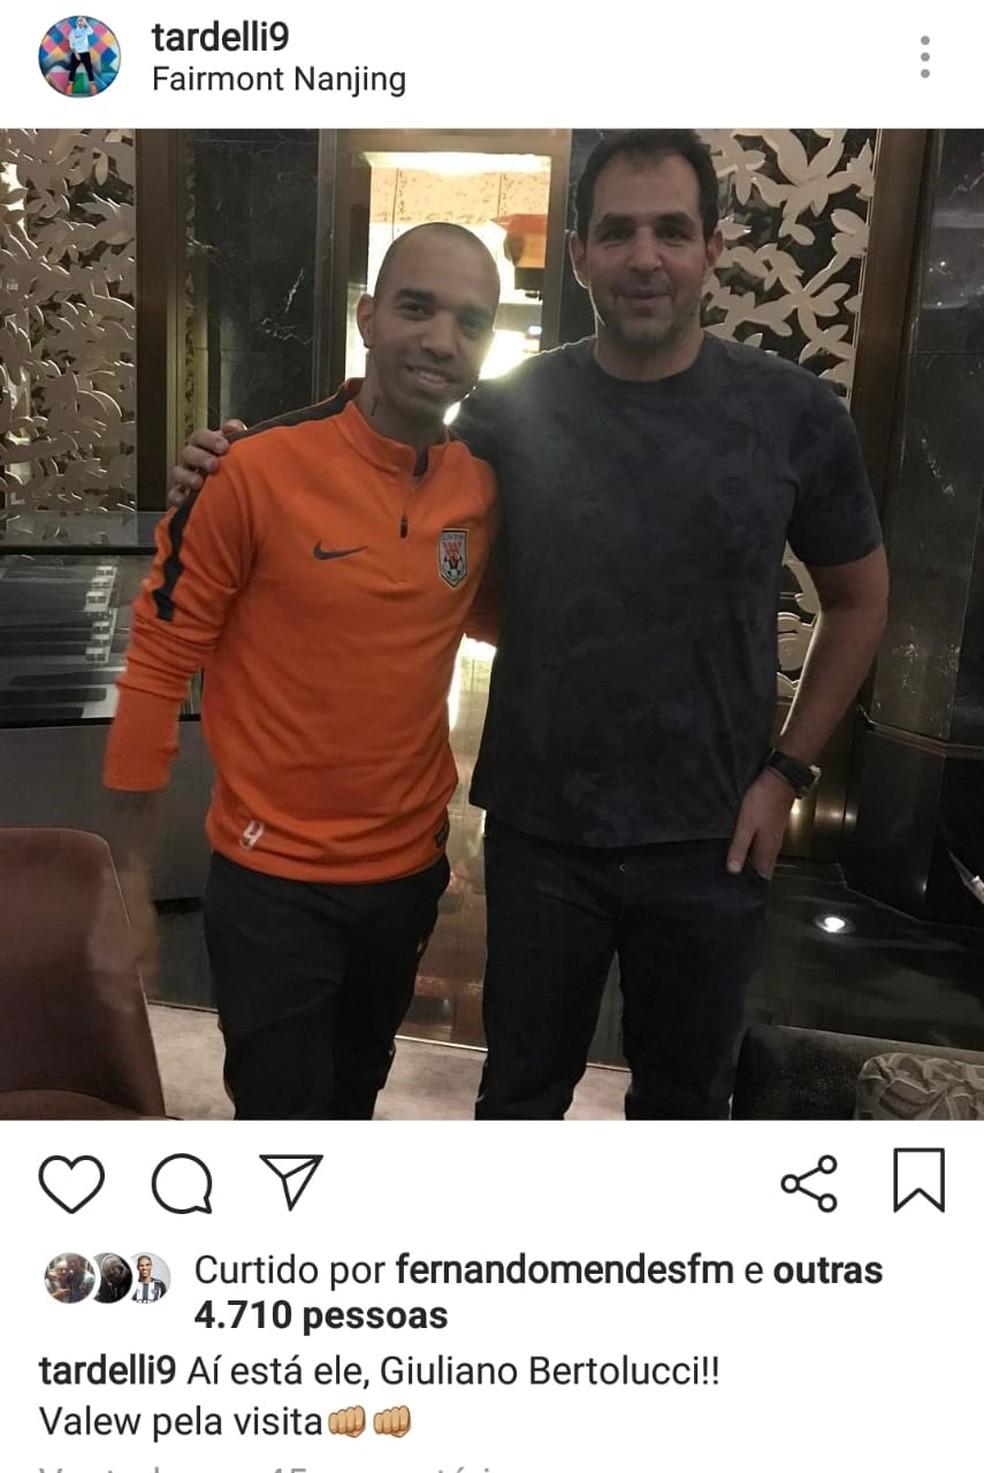 Diego Tardelli e Giuliano Bertolucci durante passagem do atacante pelo futebol chinês — Foto: Reprodução/Internet